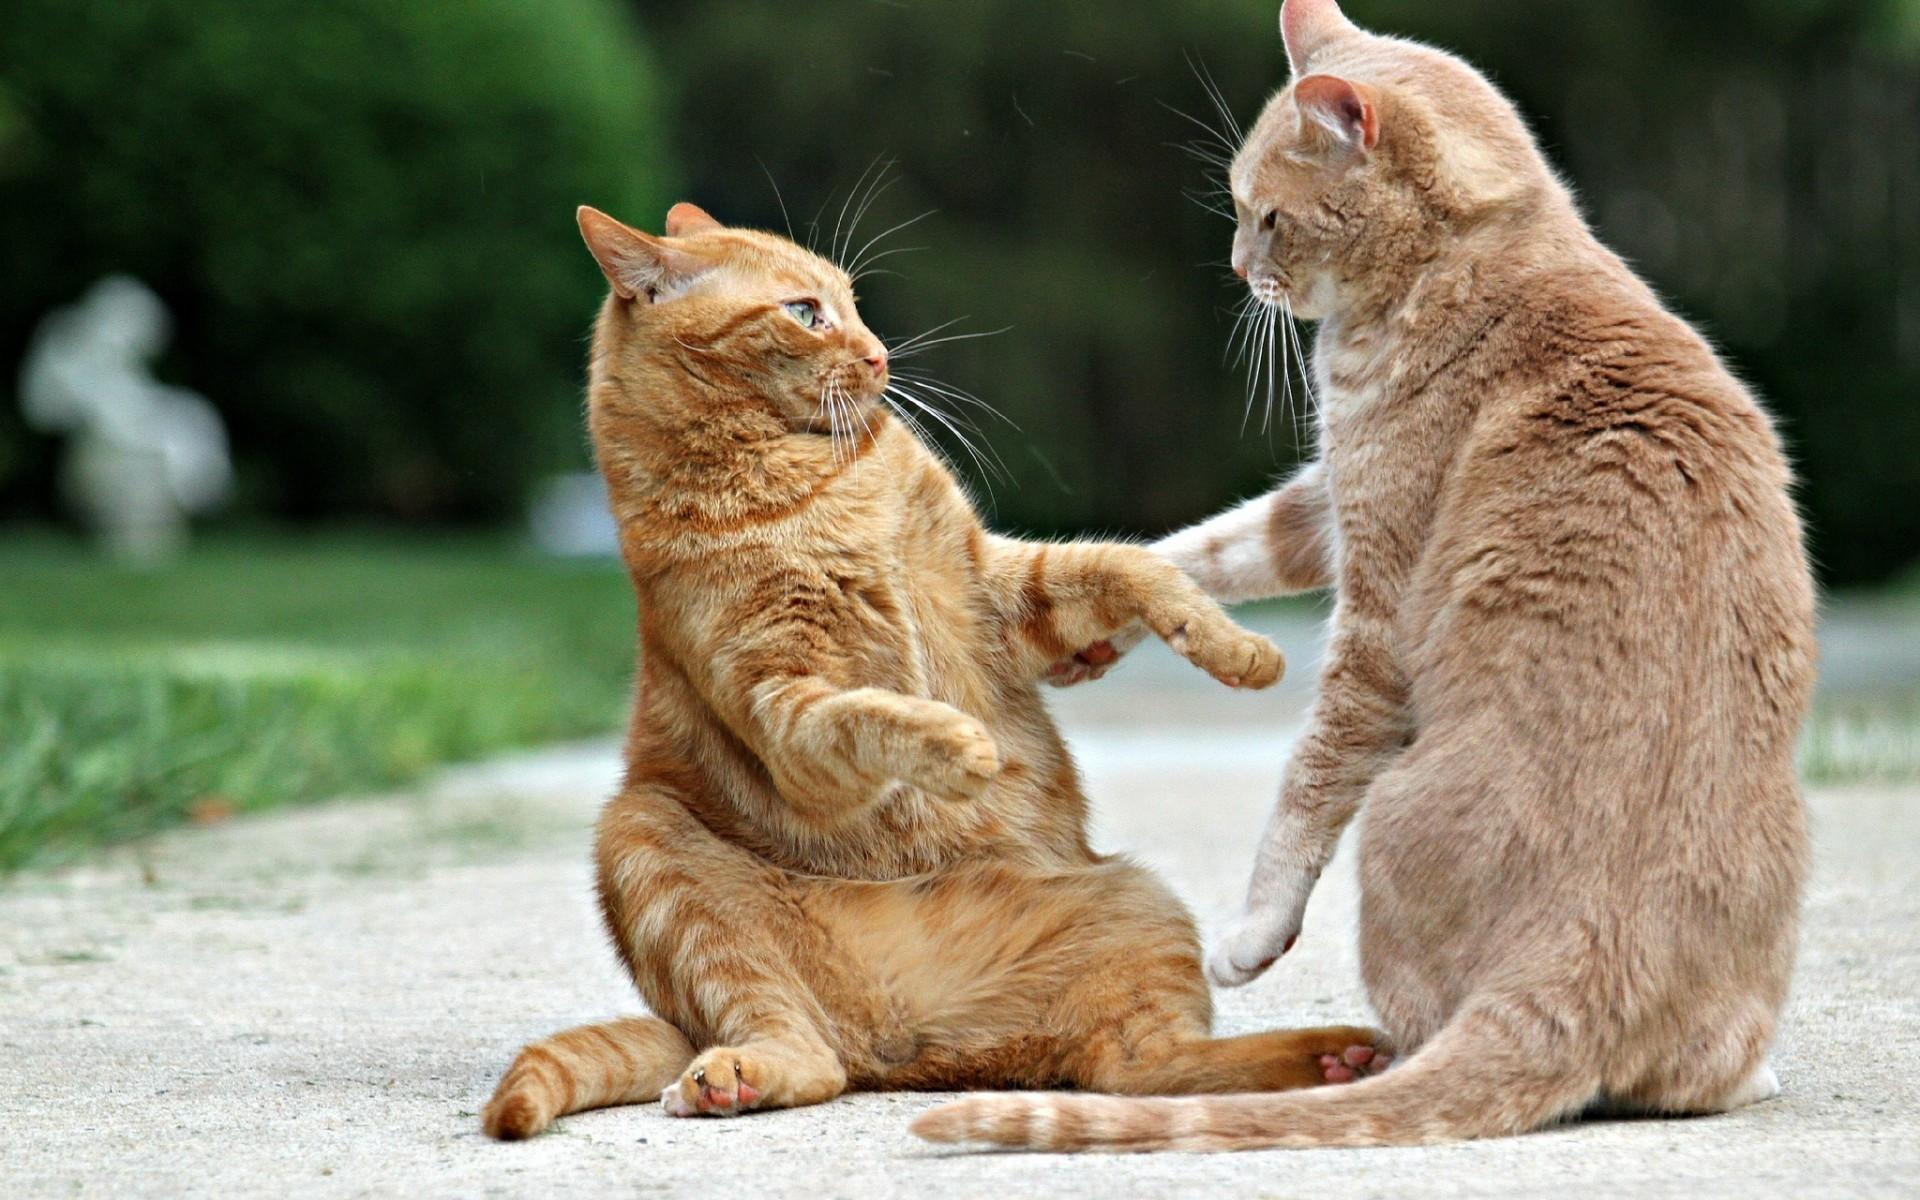 Смешная картинка с кошкой